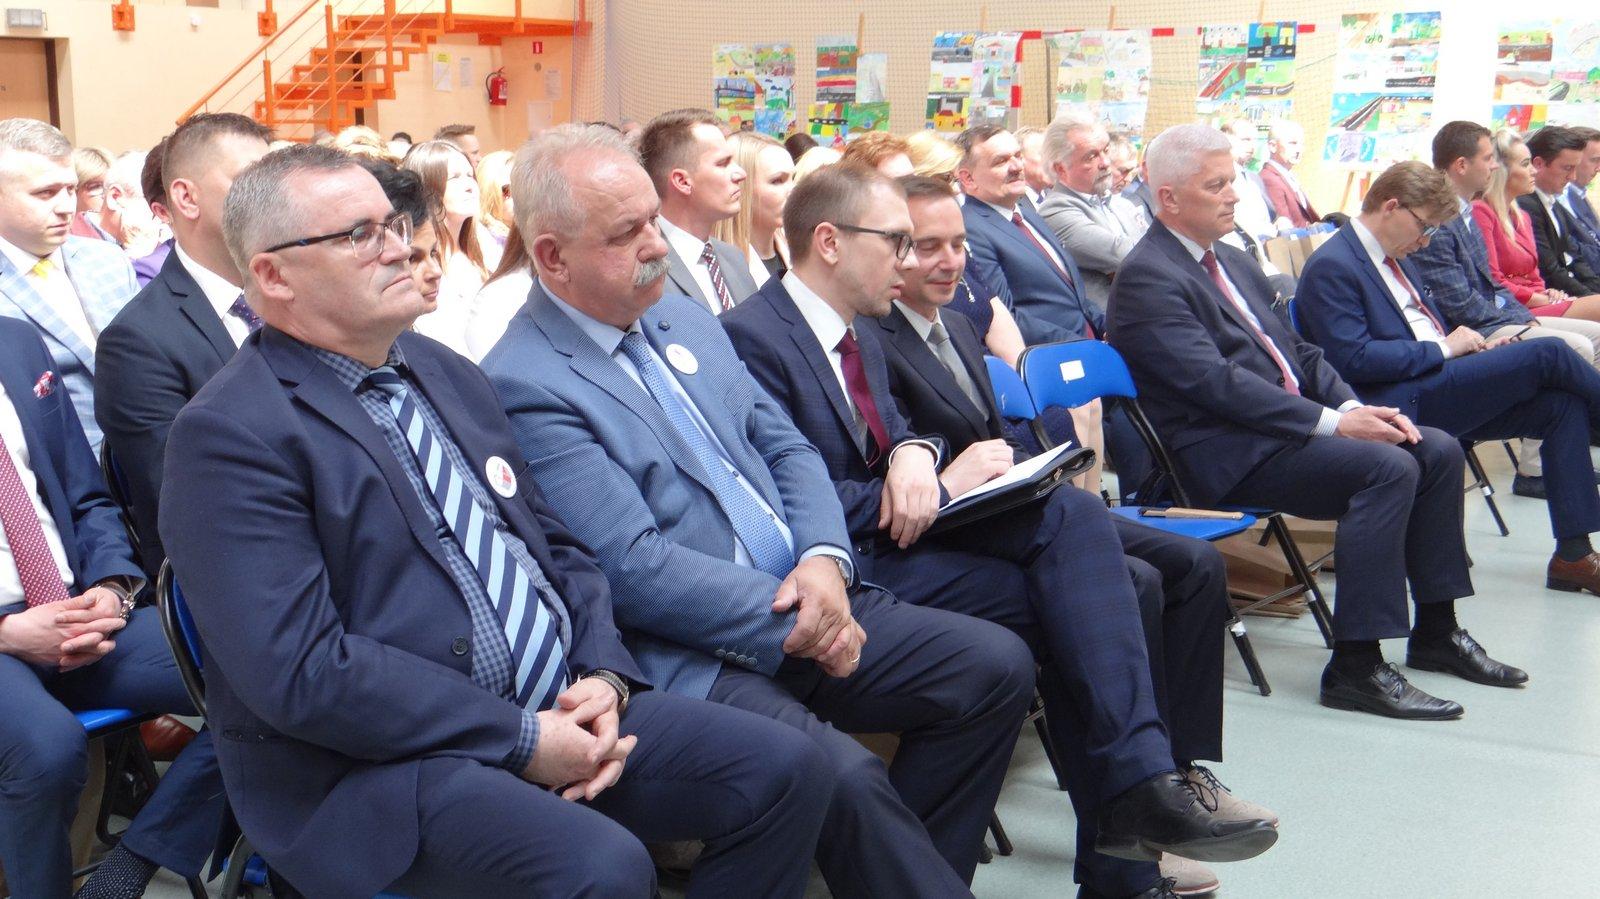 dsc09459 - Wielkopolska zaradność i pracowitość doceniona na Forum Wielkopolskiej Wsi Europejskiej